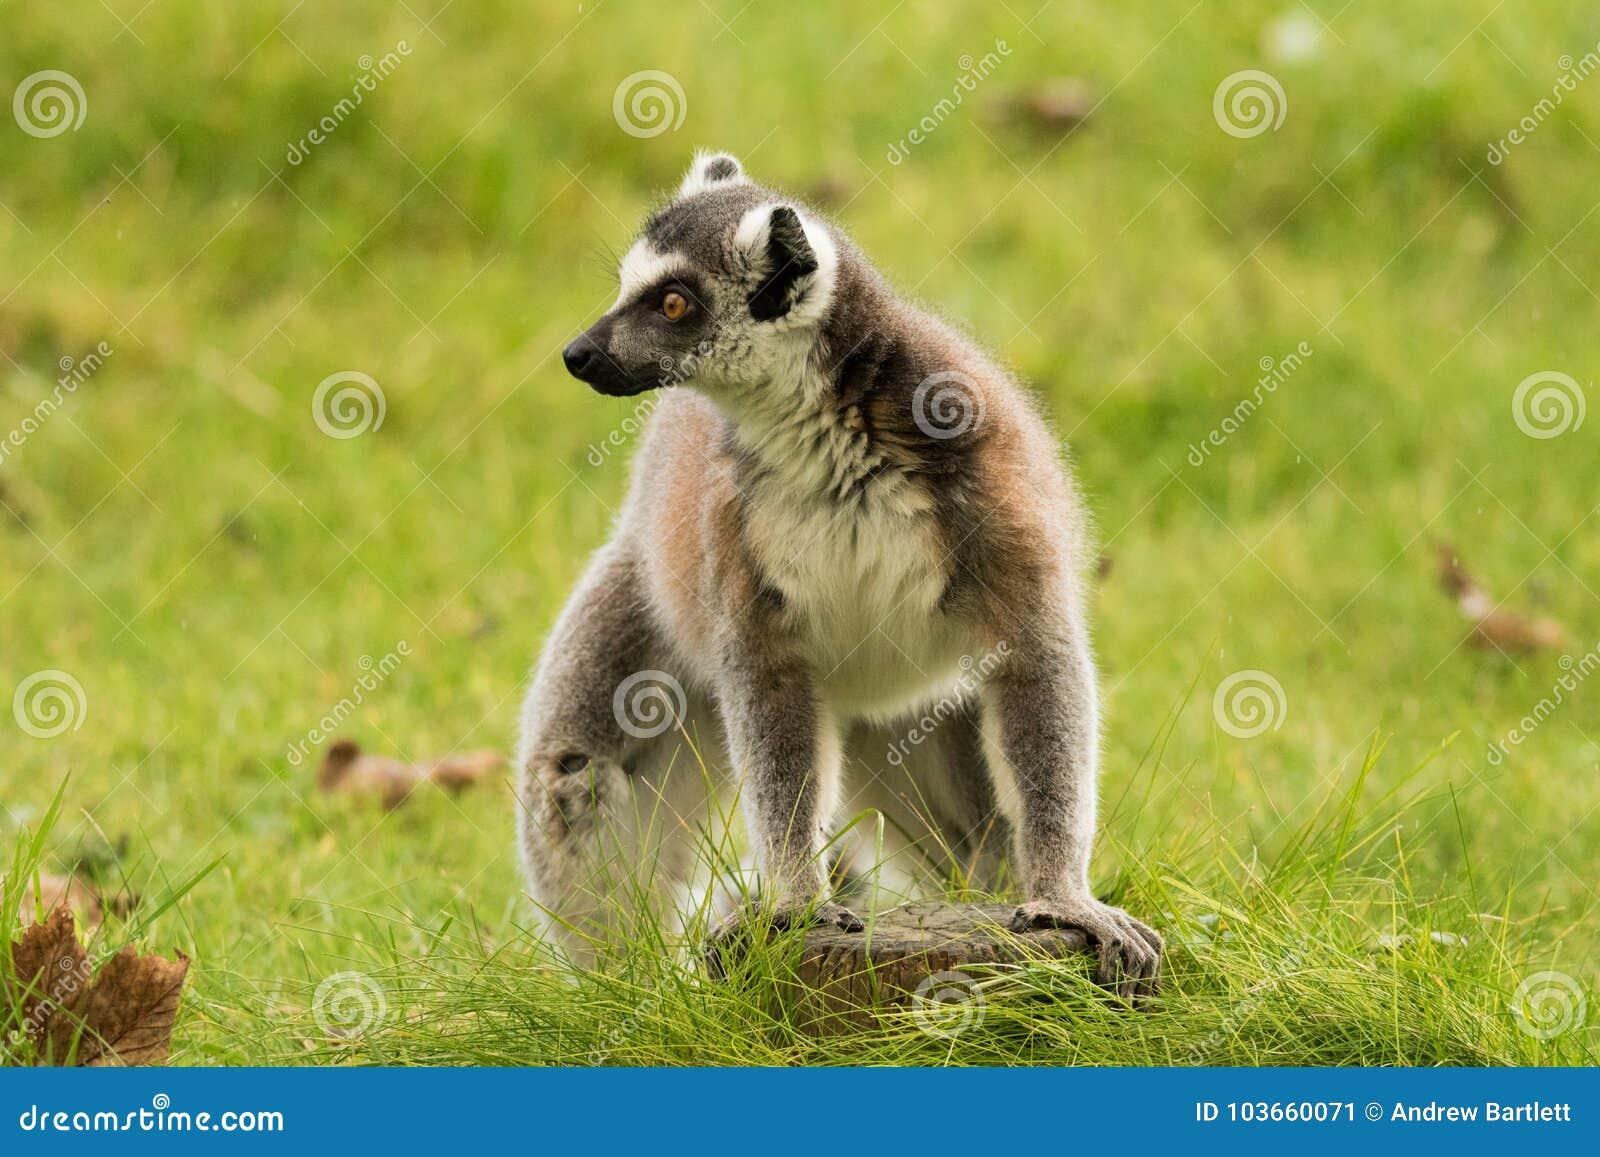 Ringowy Ogoniasty lemur siedzi samotnie